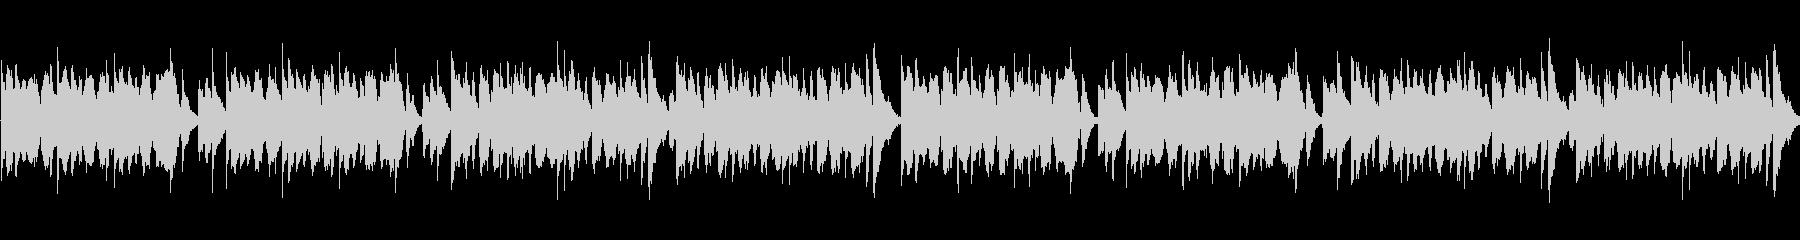 アニメ風日常・ほのぼのシーン向けBGMの未再生の波形